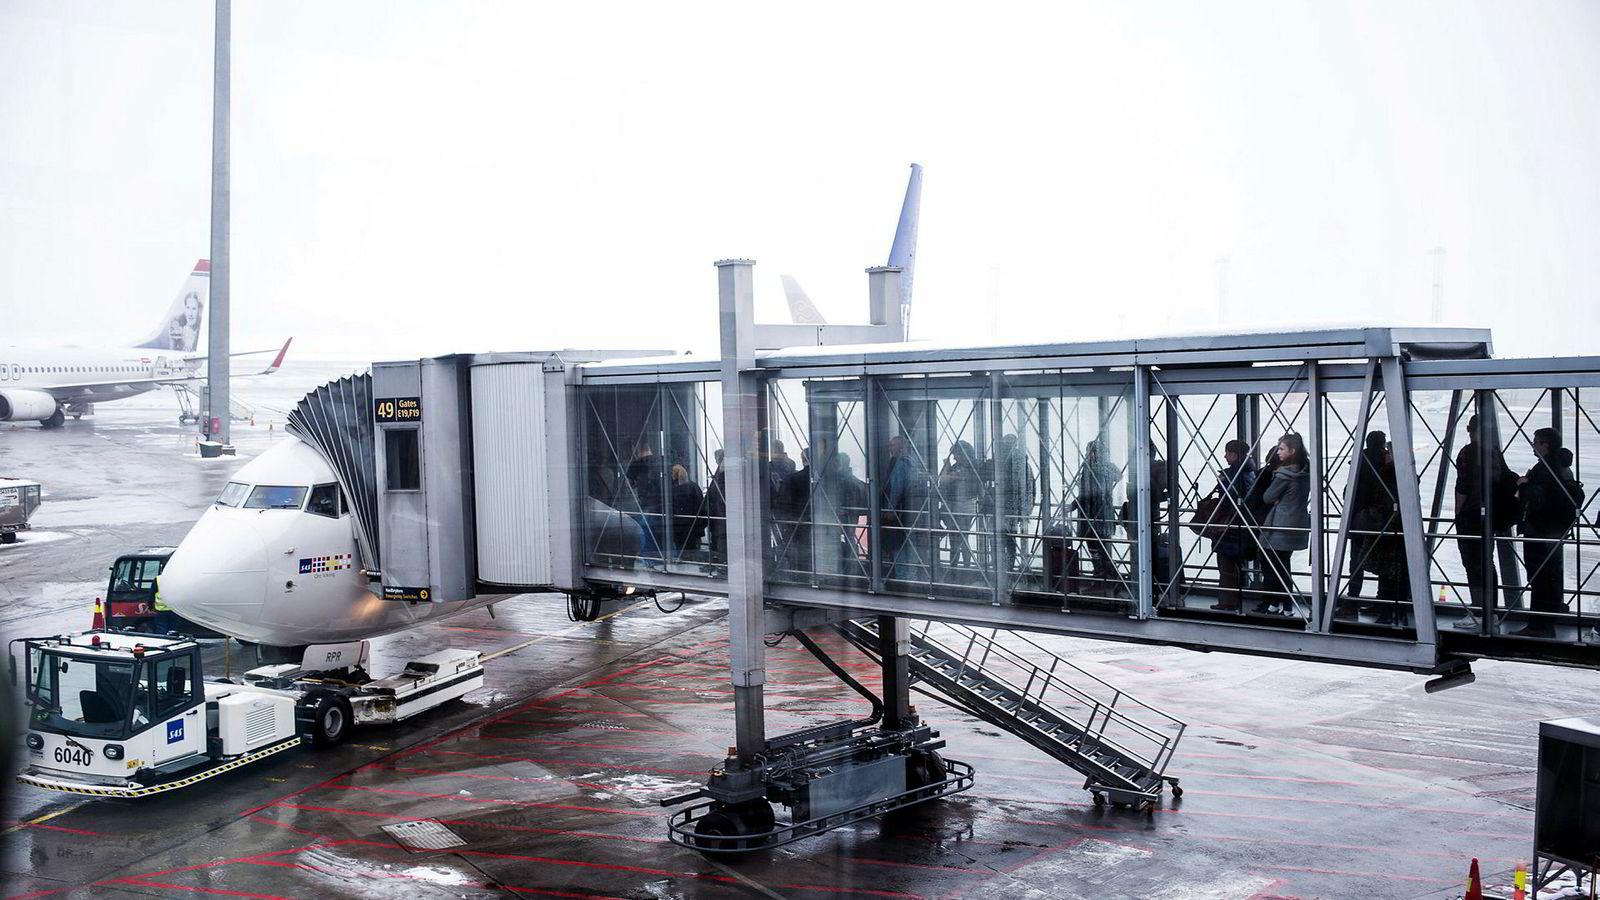 Jobbreisende med SAS kan snart holde orden på bonuspoengene opptjent privat og på jobb i en egen app – men SAS vil fortsatt ikke dele poengene direkte med arbeidsgiver eller skattemyndighetene. Her fra Oslo lufthavn.